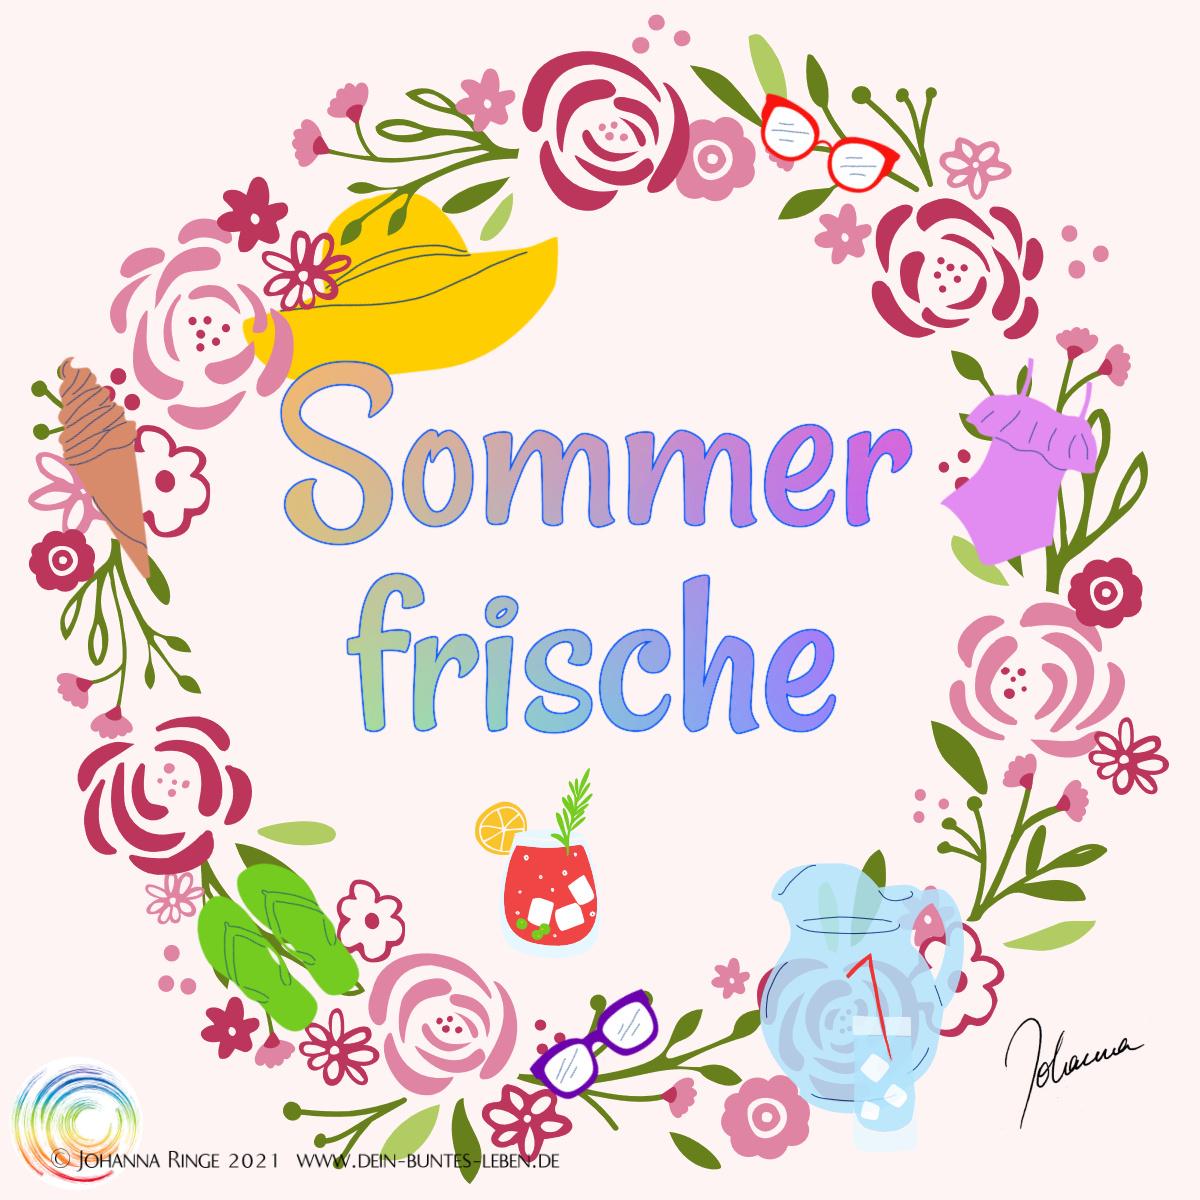 Sommerfrische: Text in Blumenkranz mit Sonnenhut, Sonnenbrille, Wasserkrug, Limonadenglas, Badeanzug und Flipflops. ©Johanna Ringe 2021 www.dein-buntes-leben.de